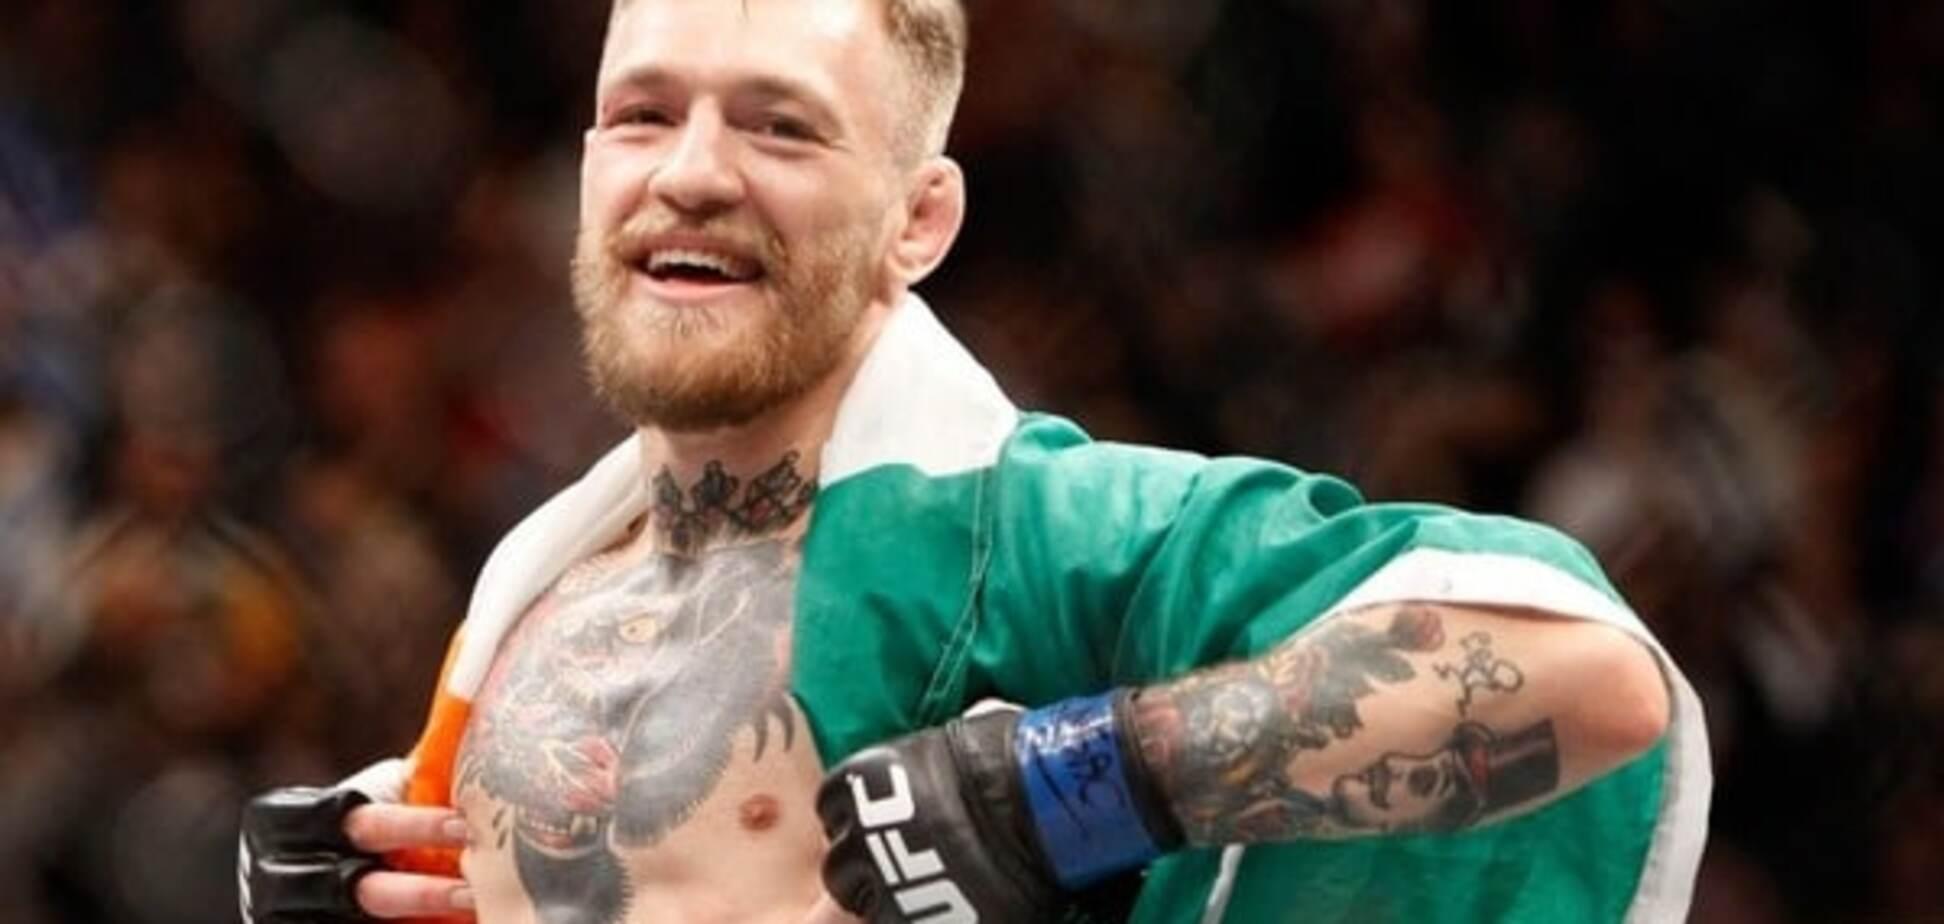 'Обожнюю'. Знаменитий ірландський чемпіон зізнався в любові Путіну